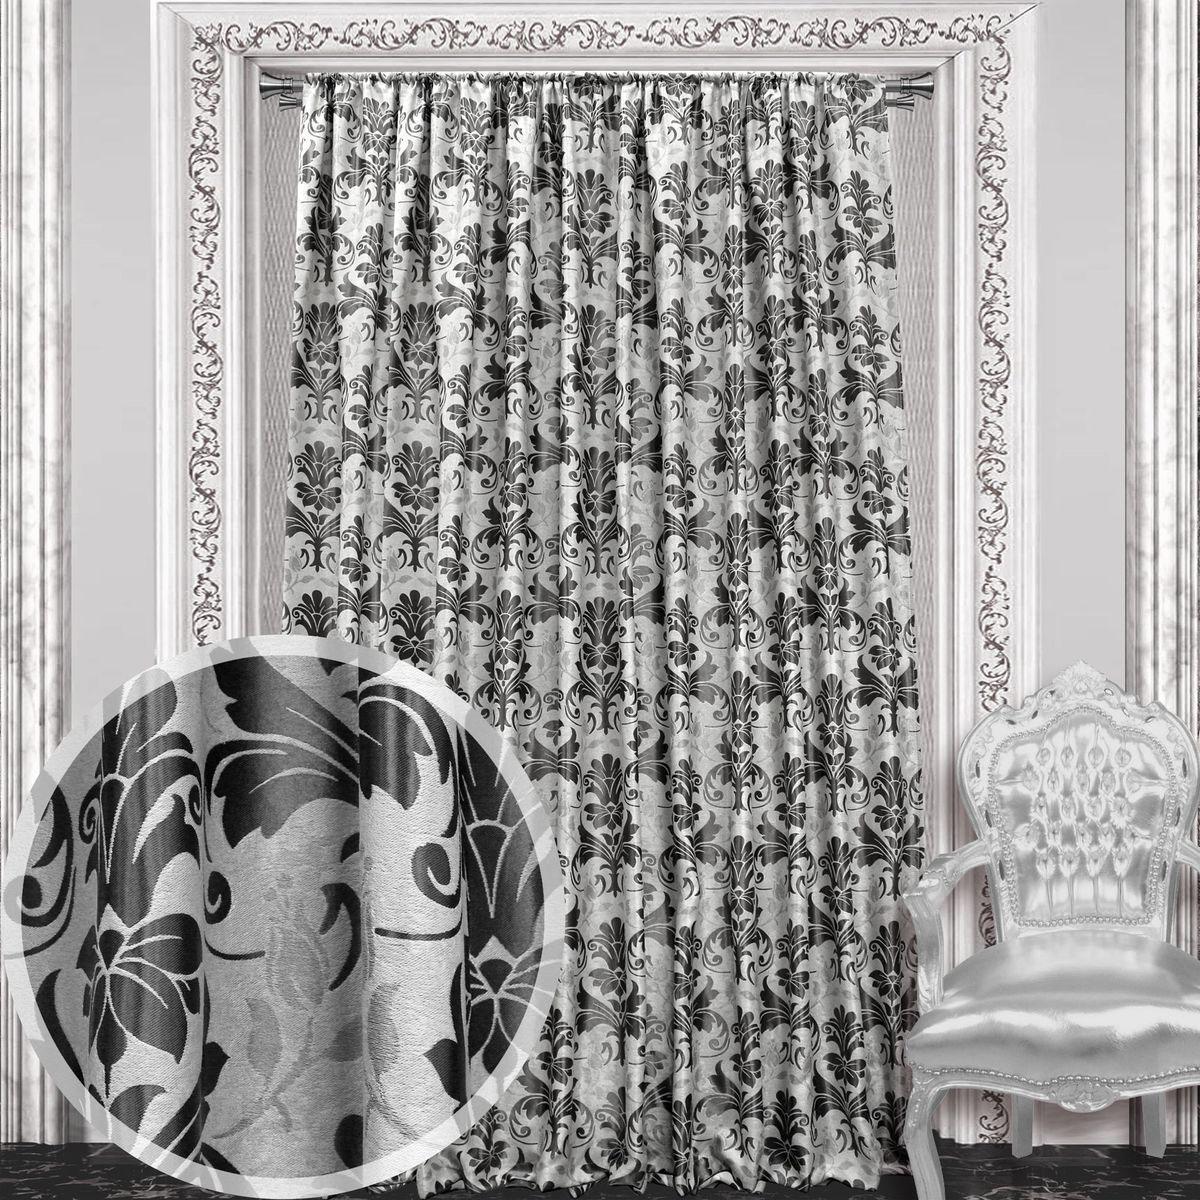 Штора Amore Mio, на ленте, цвет: черный, высота 270 см. 86048кн12-60авцШтора Amore Mio с роскошным рисунком изготовлена из 100% полиэстера. Полиэстер - вид ткани, состоящий из полиэфирных волокон. Ткани из полиэстера легкие, прочные и износостойкие. Такие изделия не требуют специального ухода, не пылятся и почти не мнутся.Крепление к карнизу осуществляется при помощи вшитой шторной ленты.